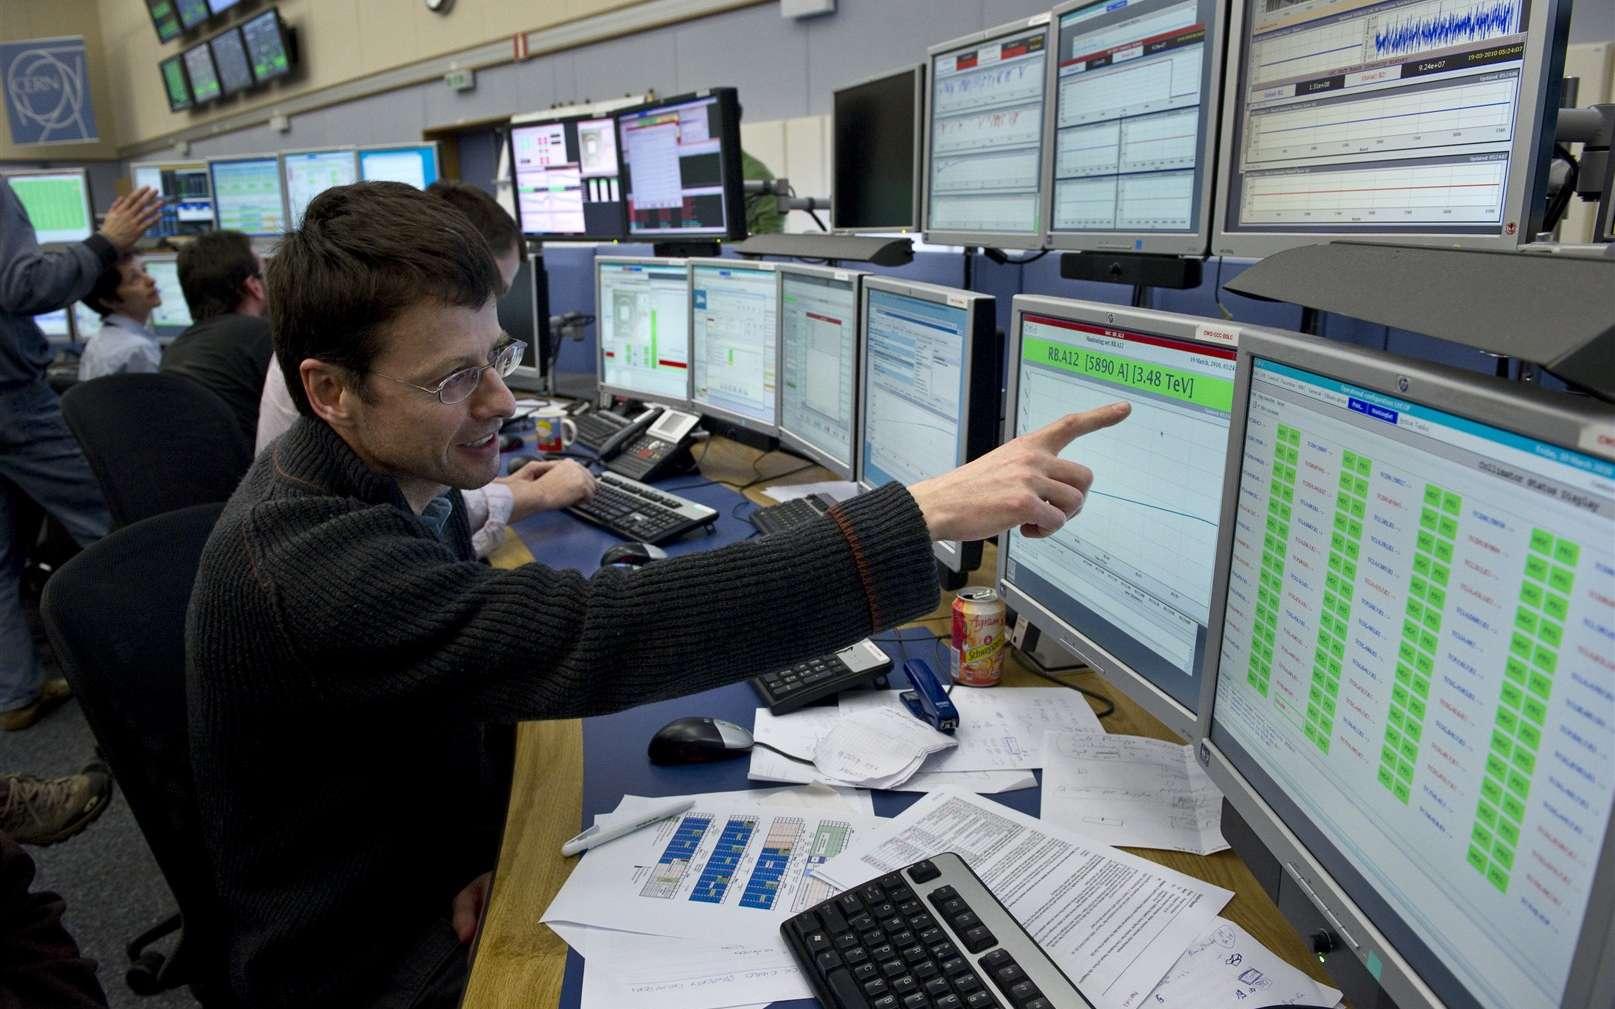 Mike Lamont, chef du groupe Opérations du Cern, dans la salle de controle du LHC, le CERN Control Centre, montre l'énergie atteinte le matin du 19/03/2010 par les faisceaux du LHC : 3,48 TeV ! Crédit : Maximilien Brice-Cern